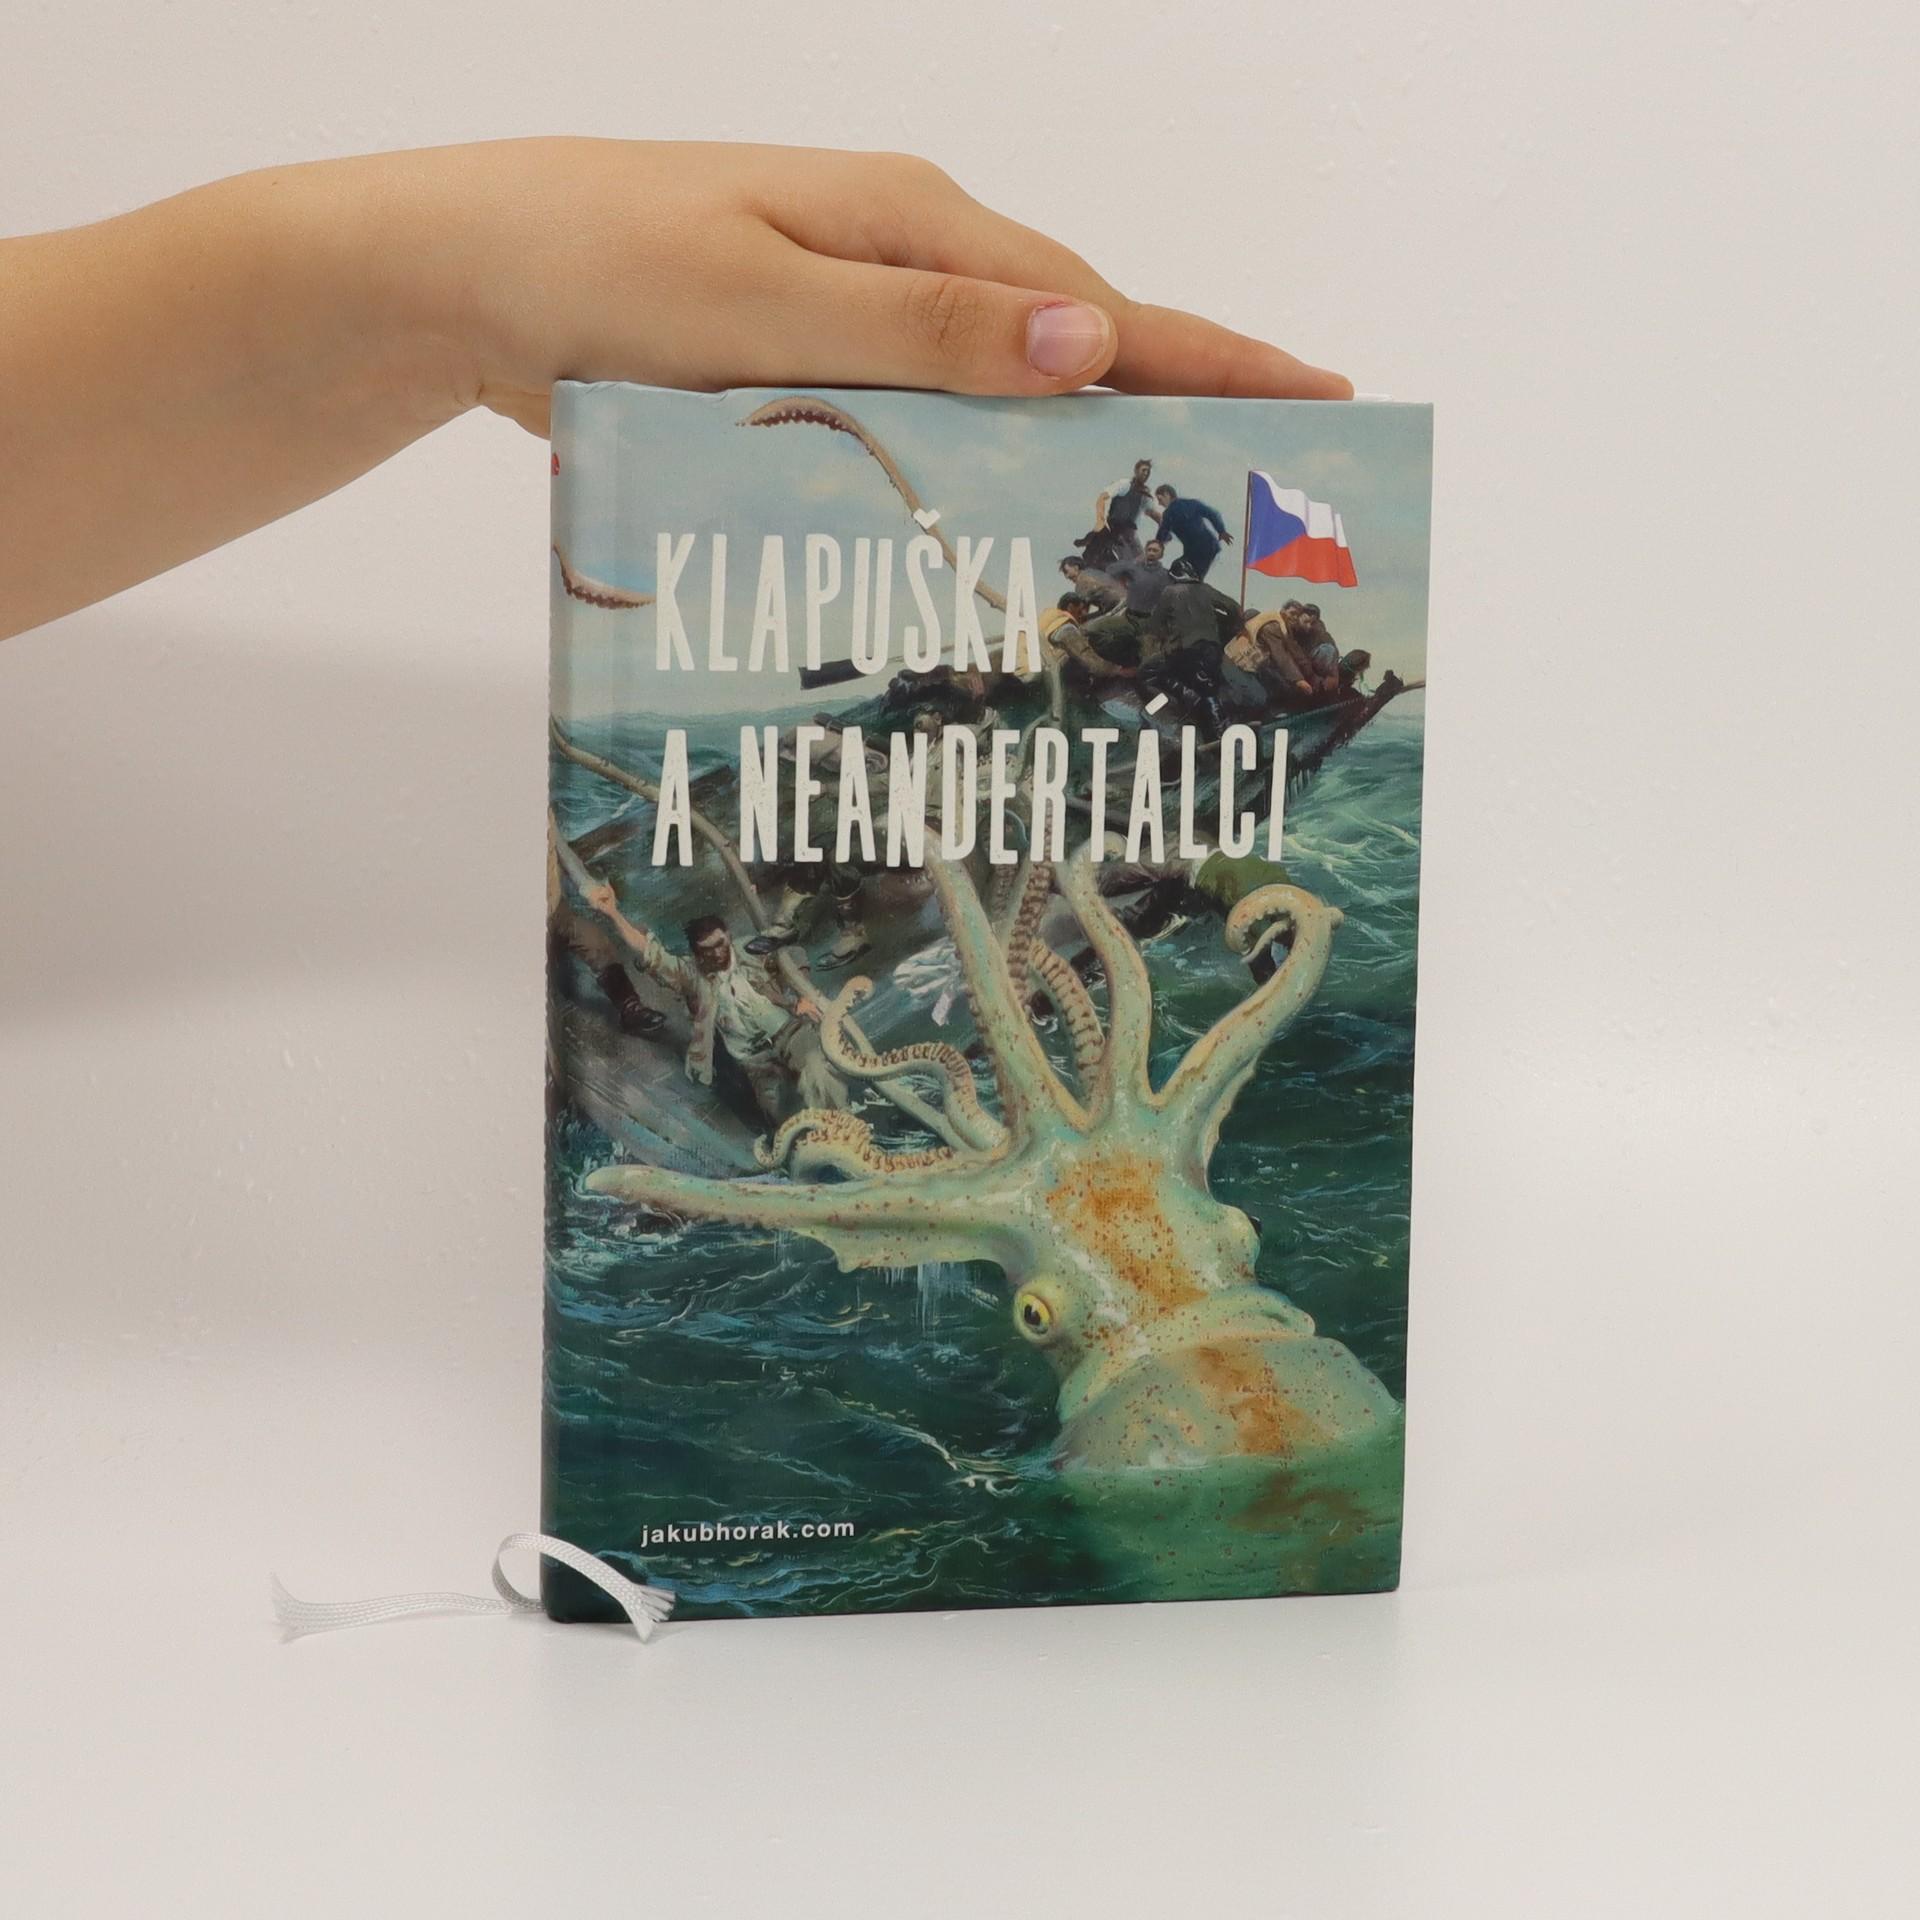 antikvární kniha Klapuška a neandertálci, 2019